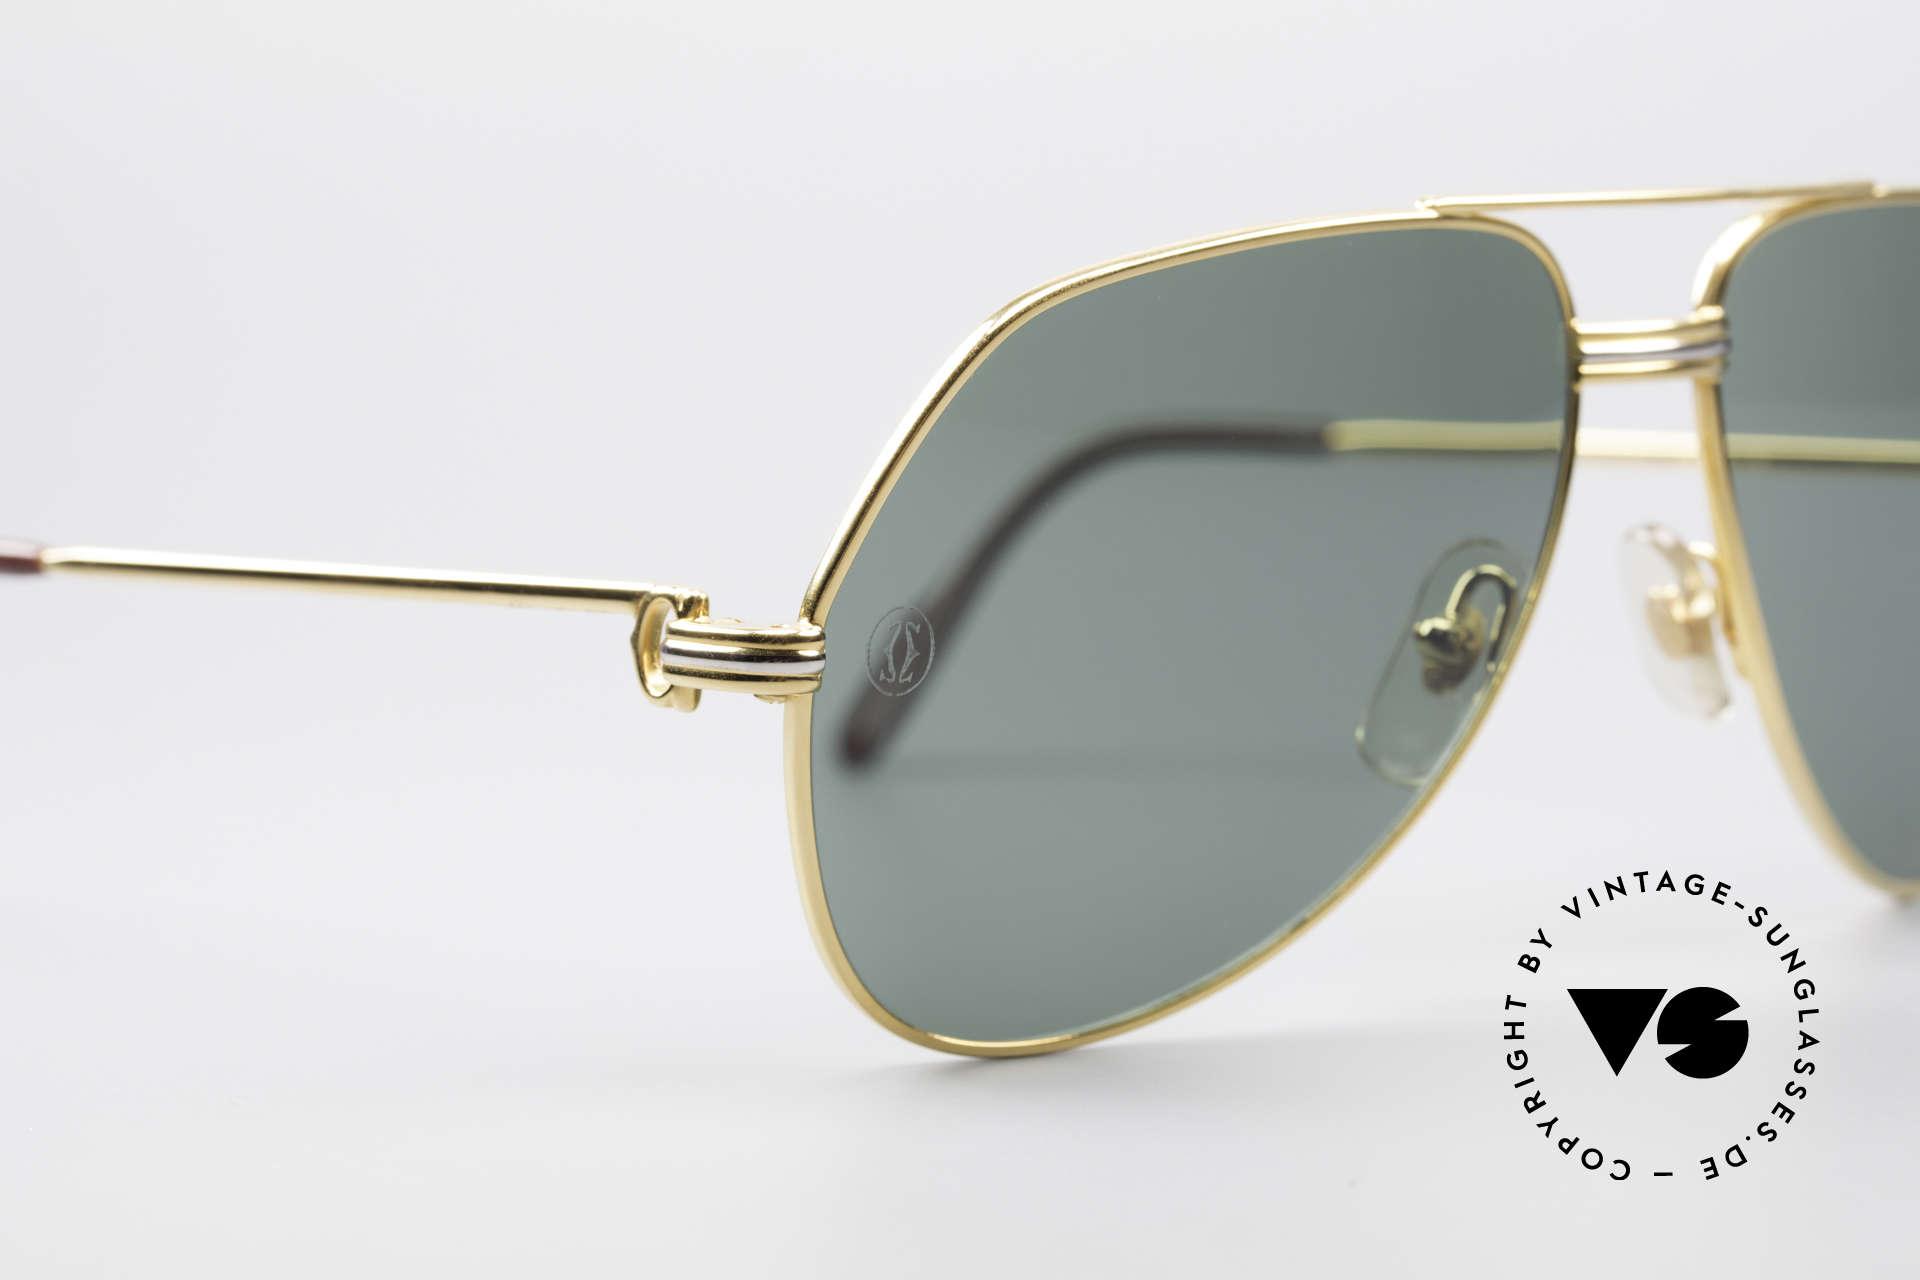 Cartier Vendome LC - M David Bowie Sunglasses, worn by musician David Bowie (festival de Cannes, '83), Made for Men